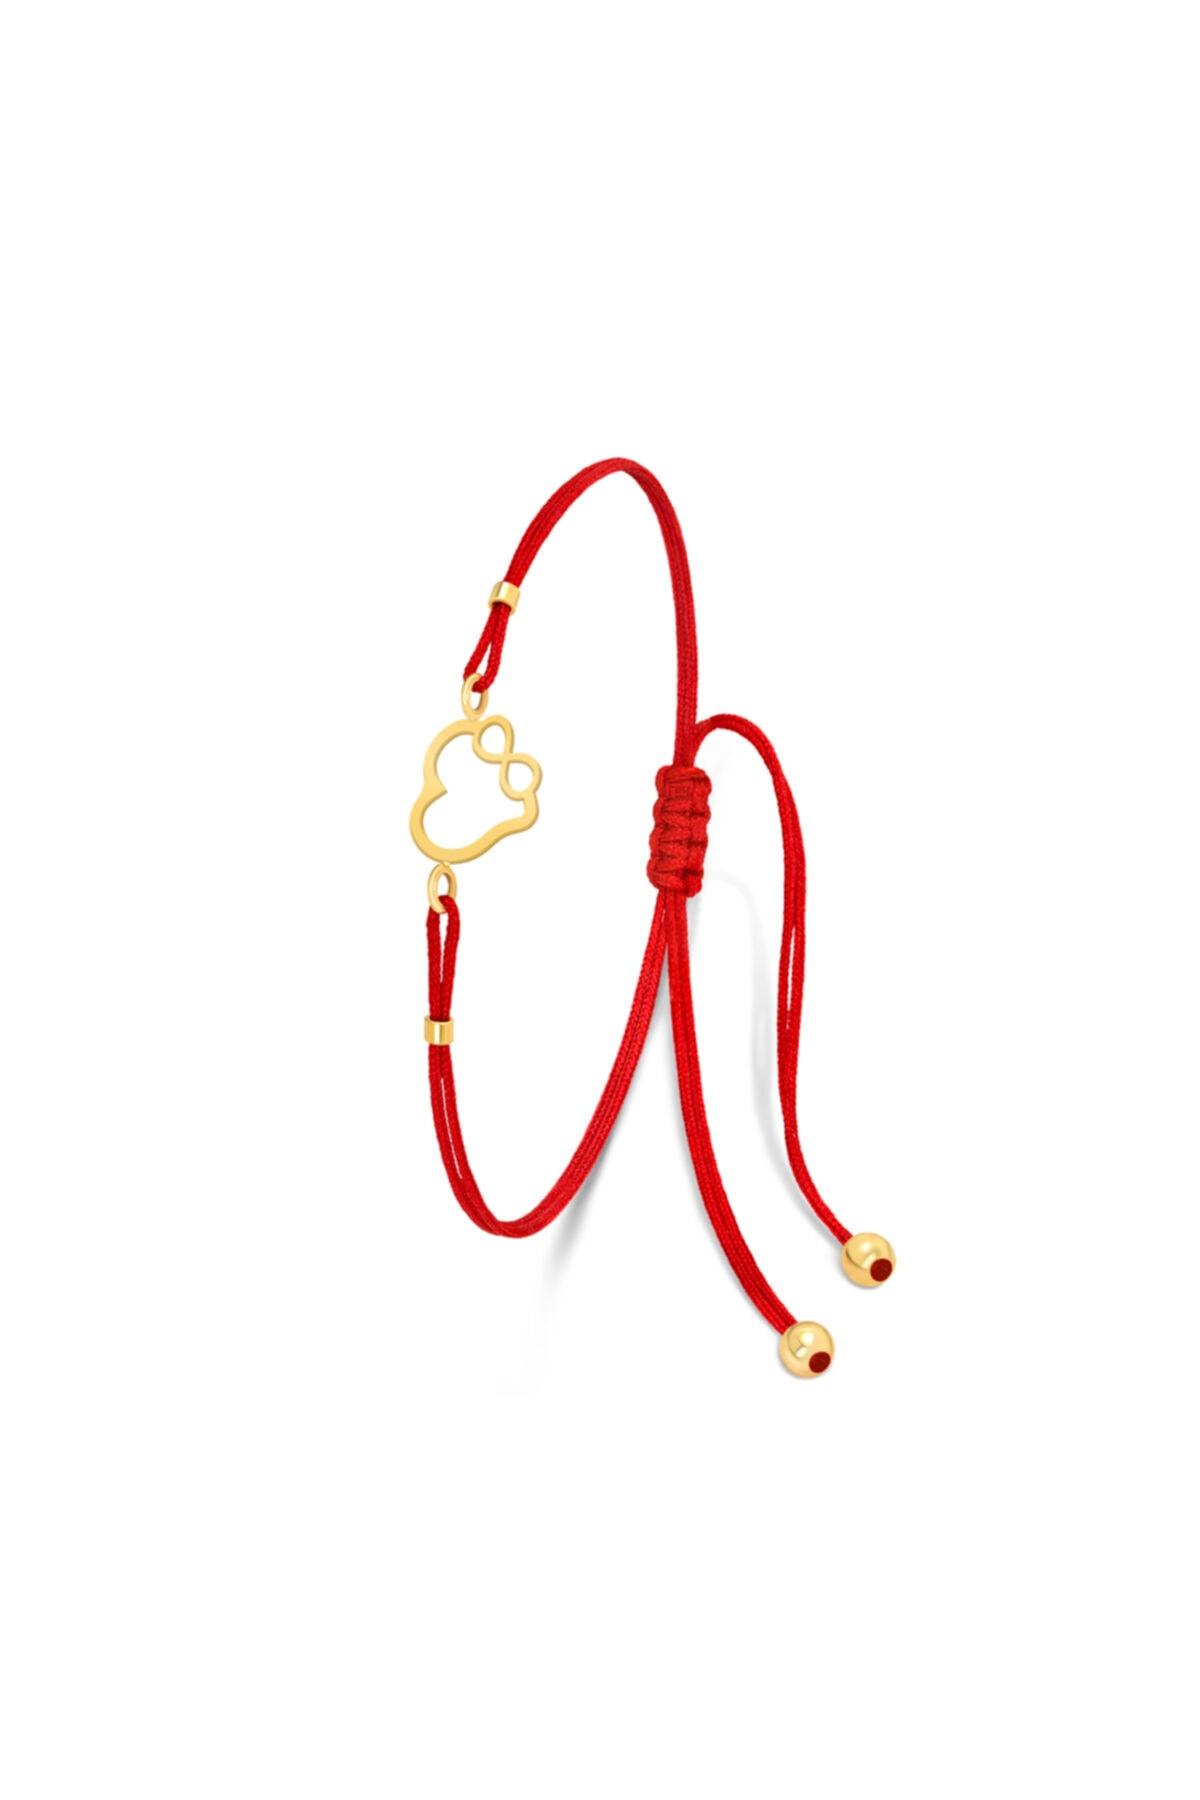 فروش دستبند طلا زنانه حراجی برند Fay Yamaner رنگ قرمز ty103026100